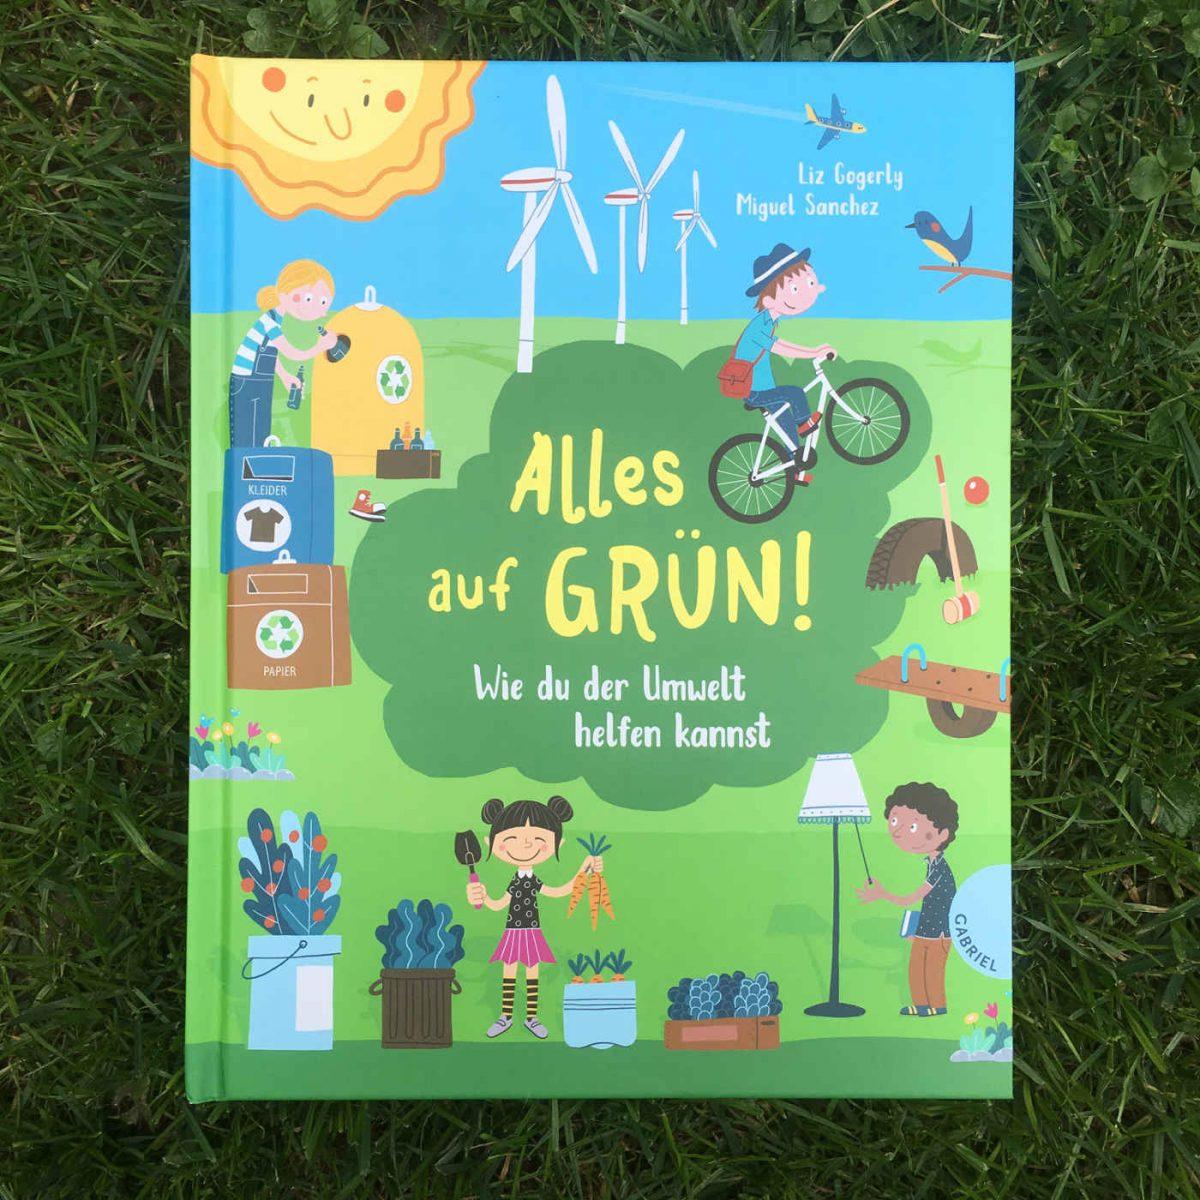 Liz Gogerly und Miguel Sanchez: Alles auf Grün! Wie du der Umwelt helfen kannst